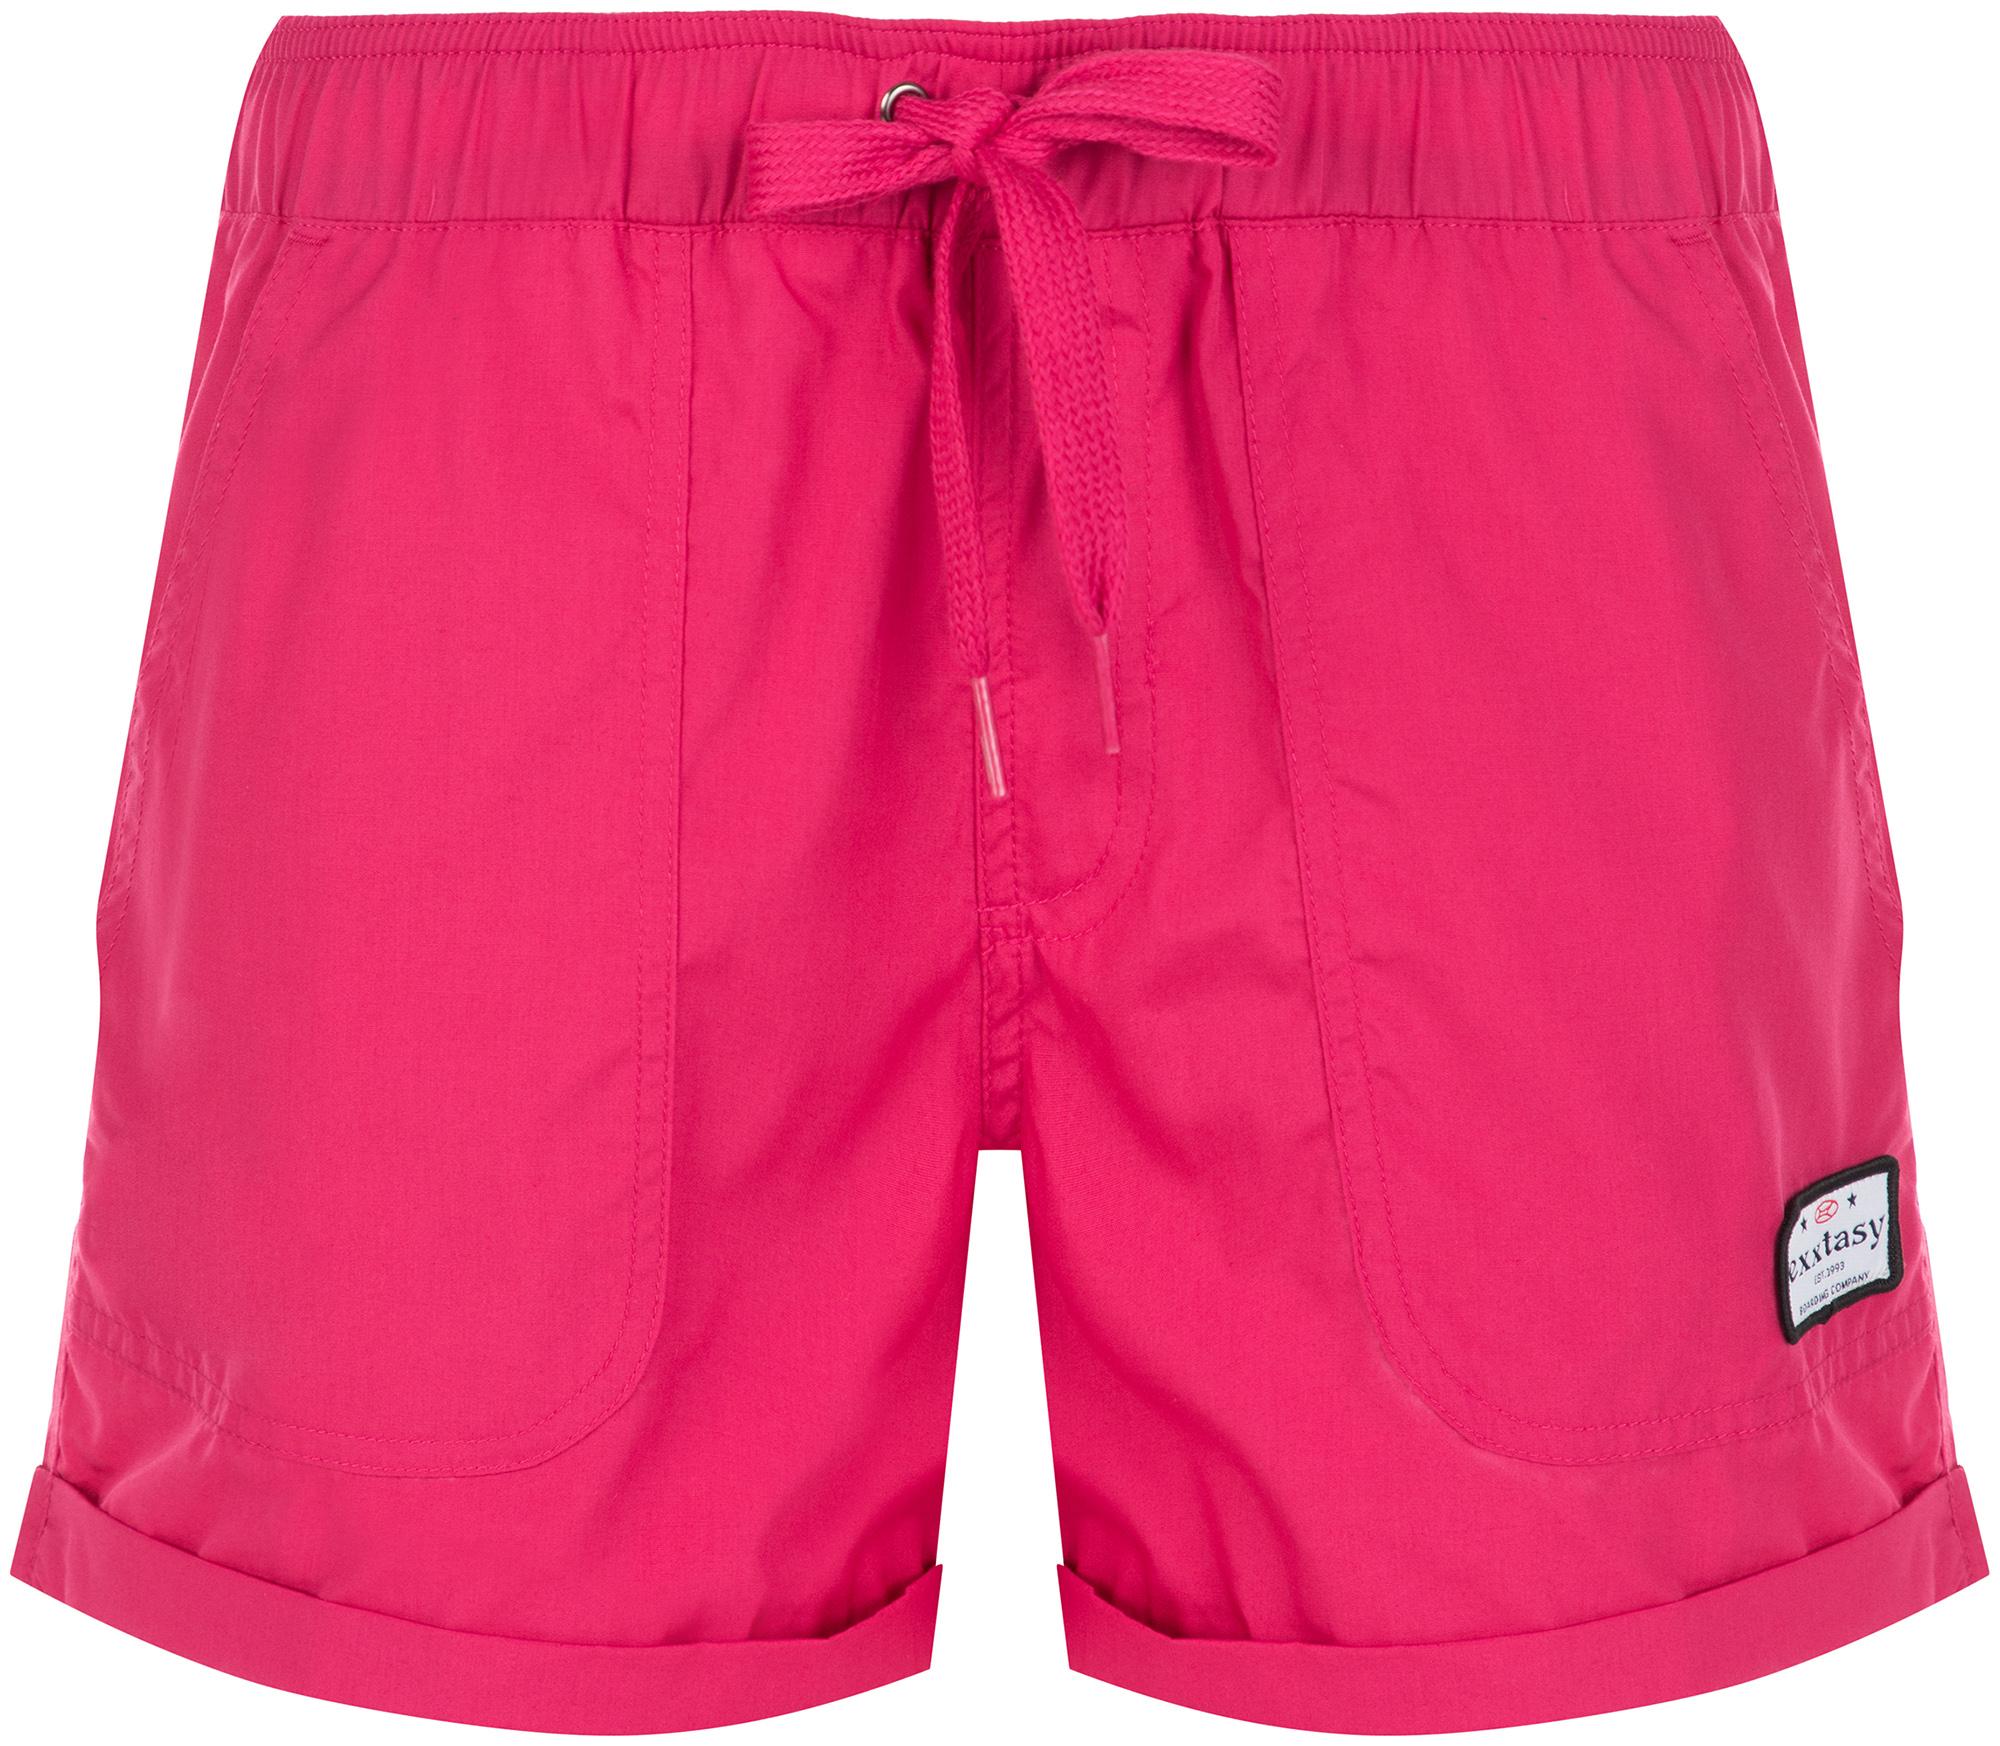 Exxtasy Шорты женские Exxtasy Frinton, размер 50 exxtasy шорты пляжные мужские exxtasy tracy размер 54 56